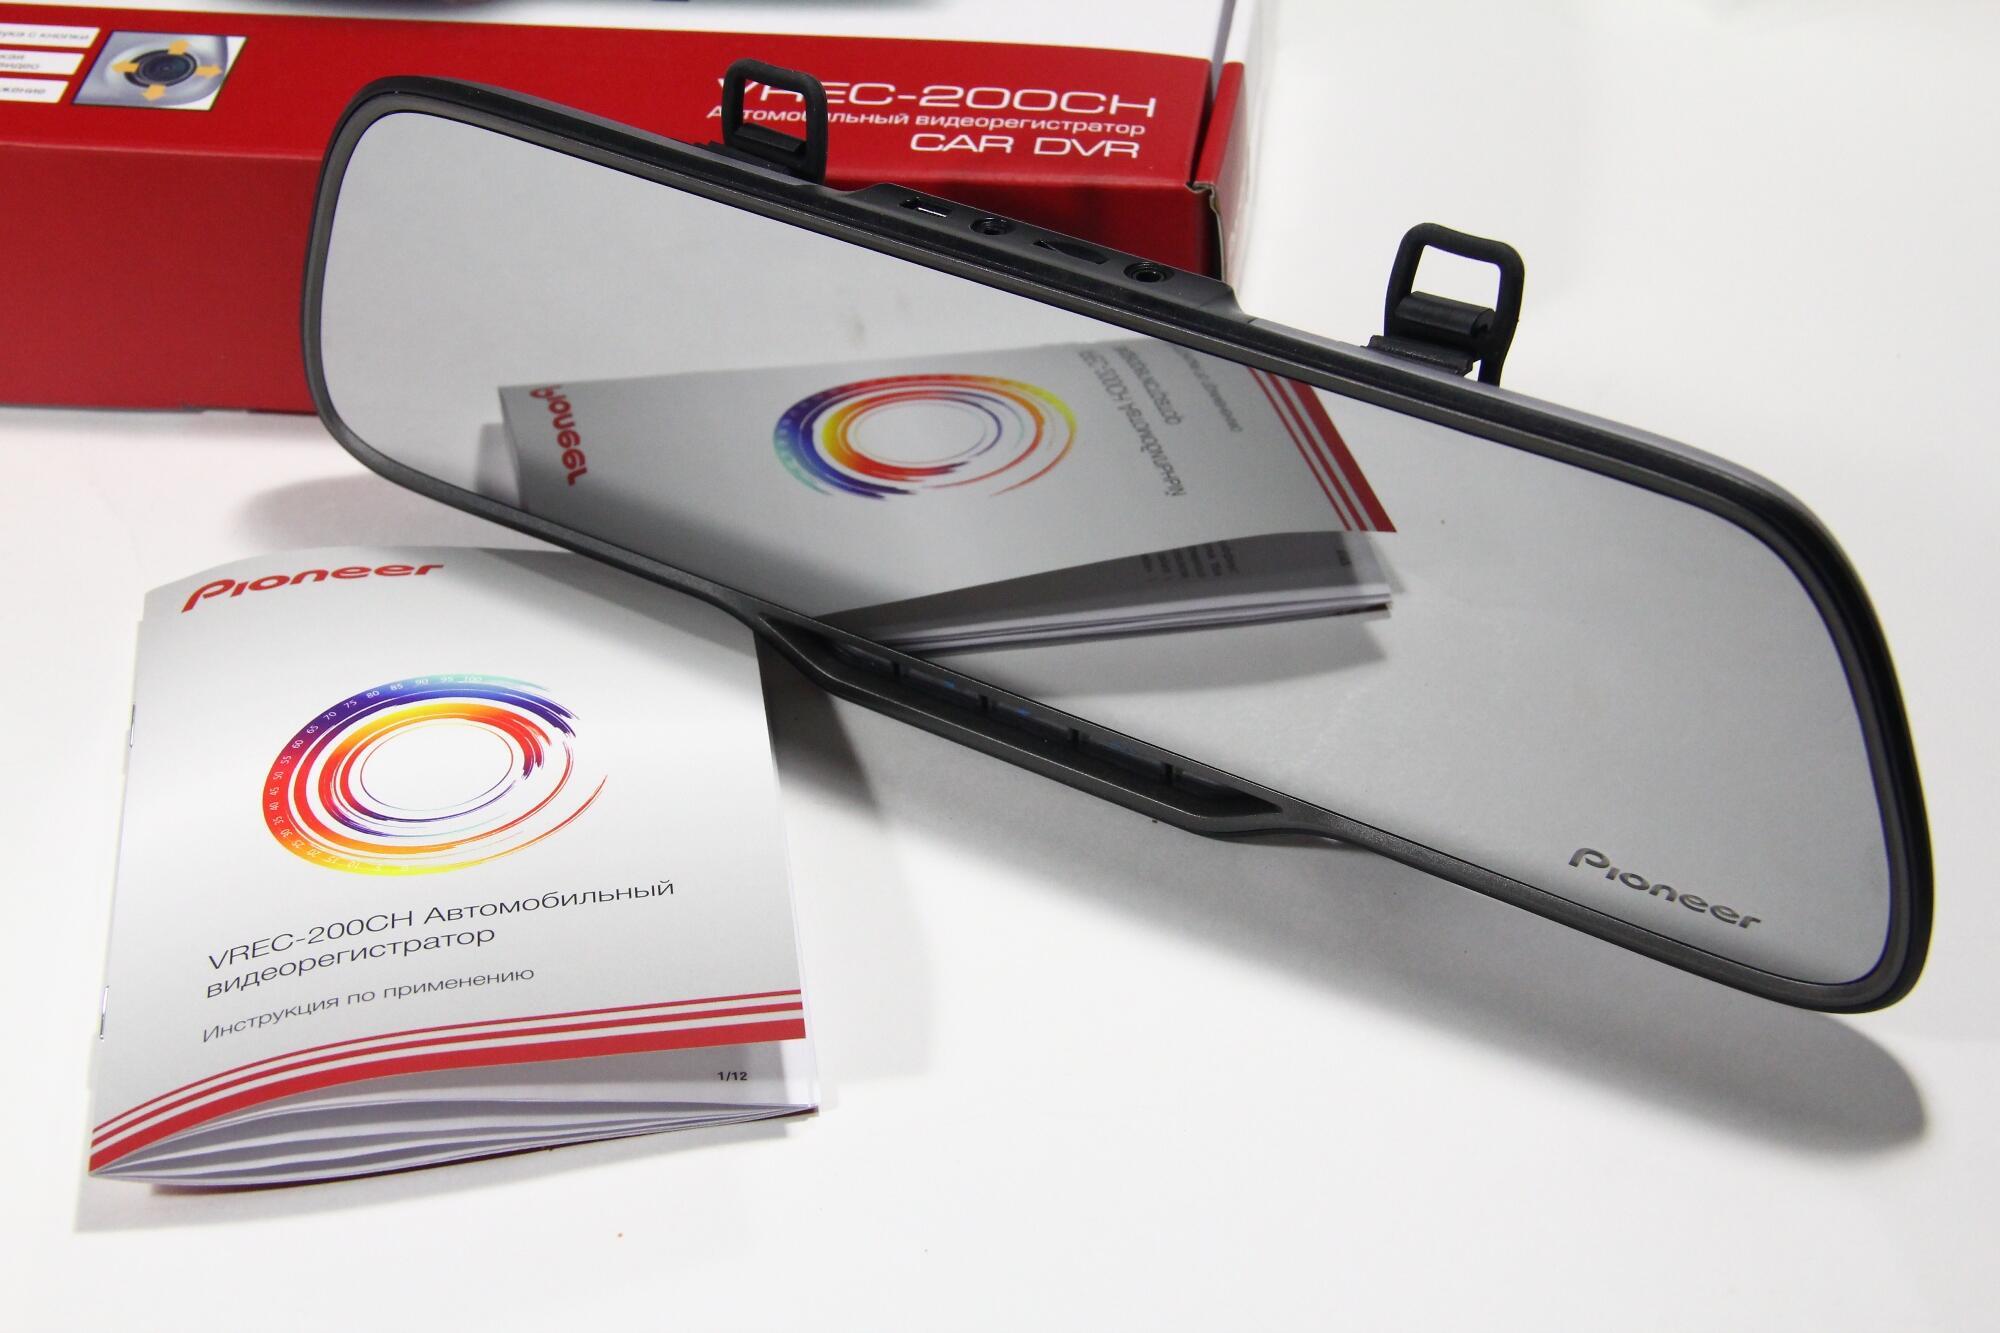 Avtotovary - Obzor avtomobilnogo videoregistratora Pioneer VREC-200CH s kameroy zadnego vida